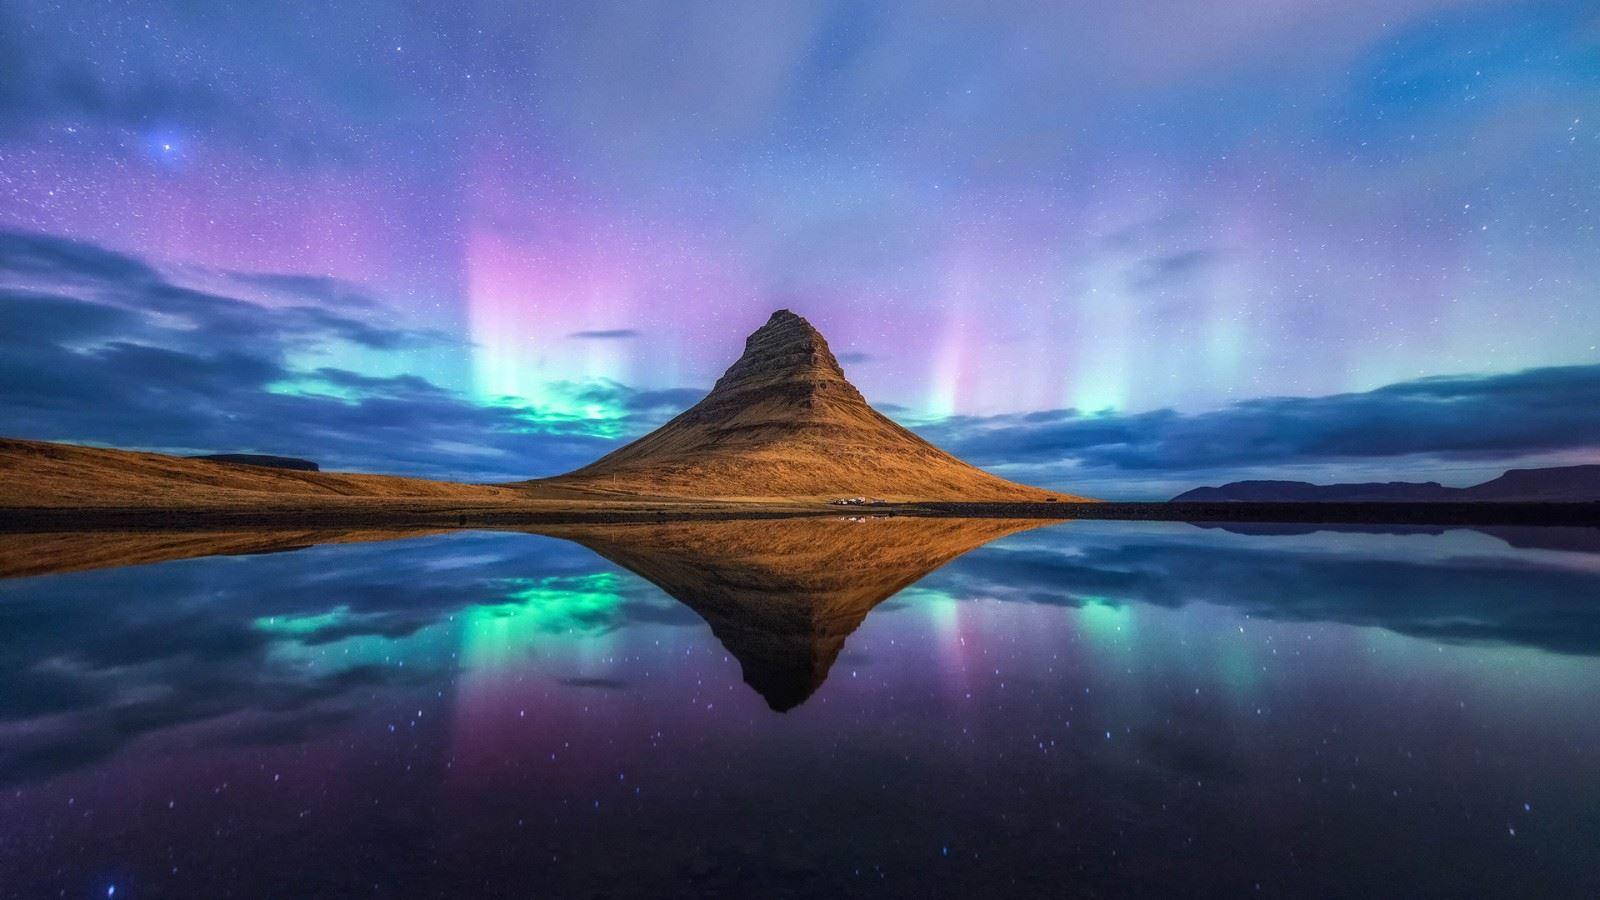 2021夜晚星空极光山